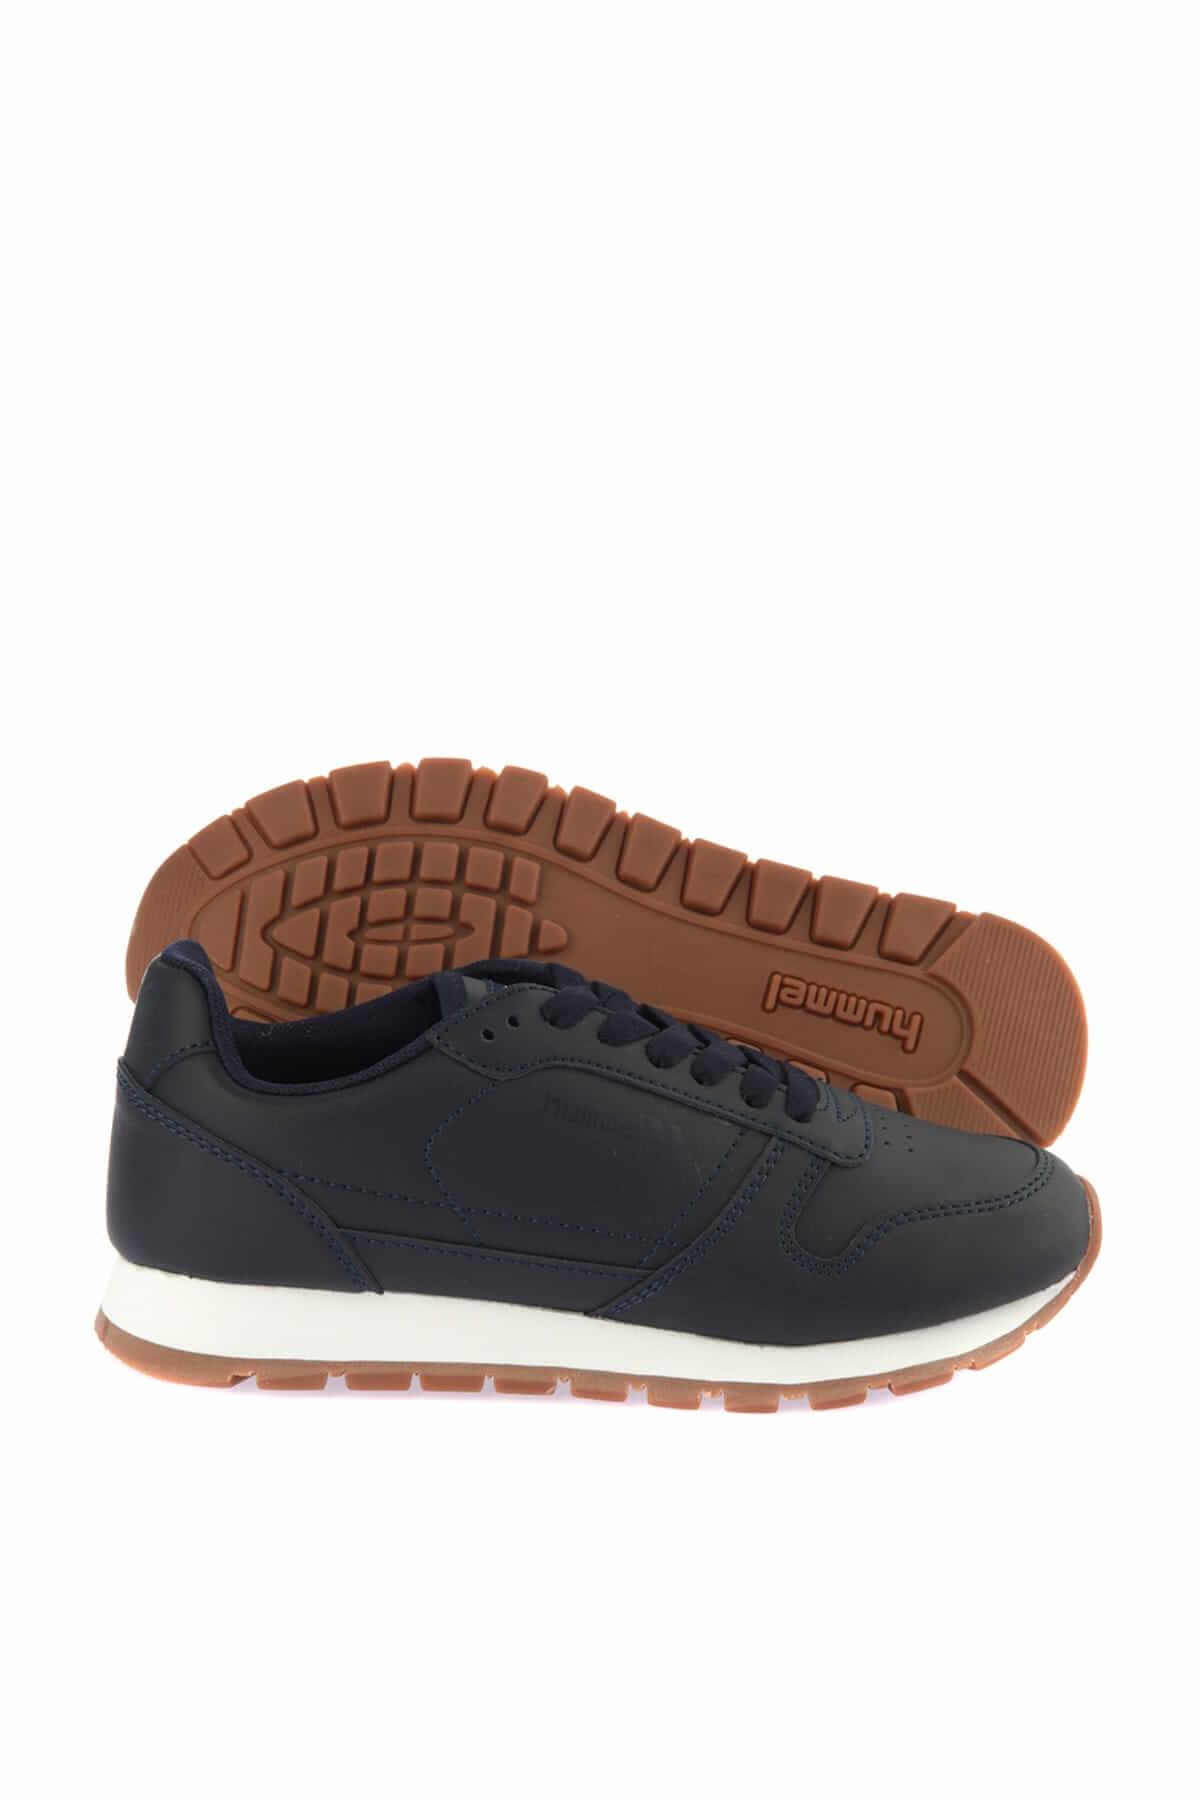 ucuz sneakers